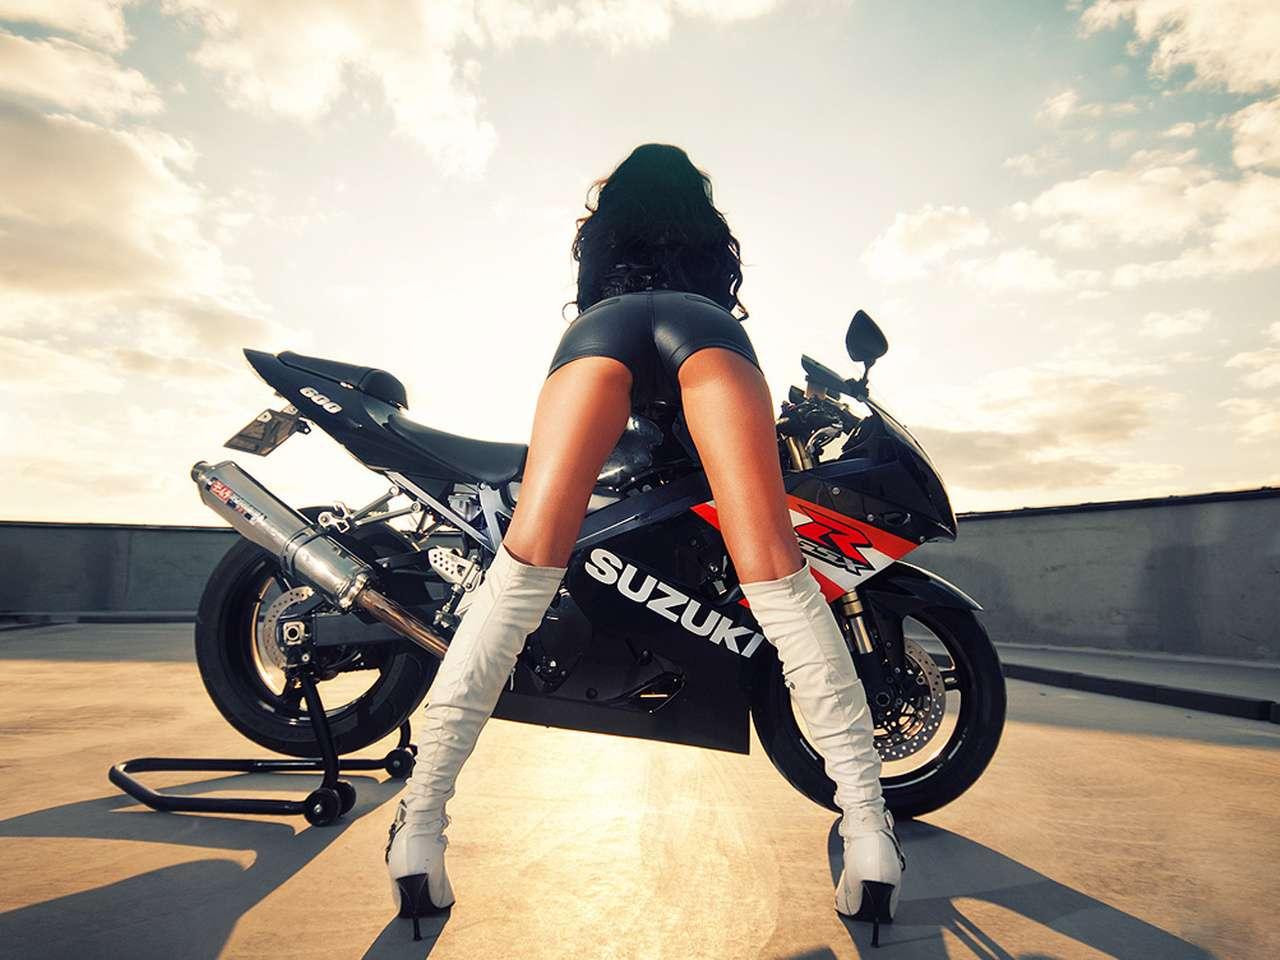 aaf199ccae6cd694f246dbb641bd78d5 - Сексуальные девушки и мотоциклы (часть 2)